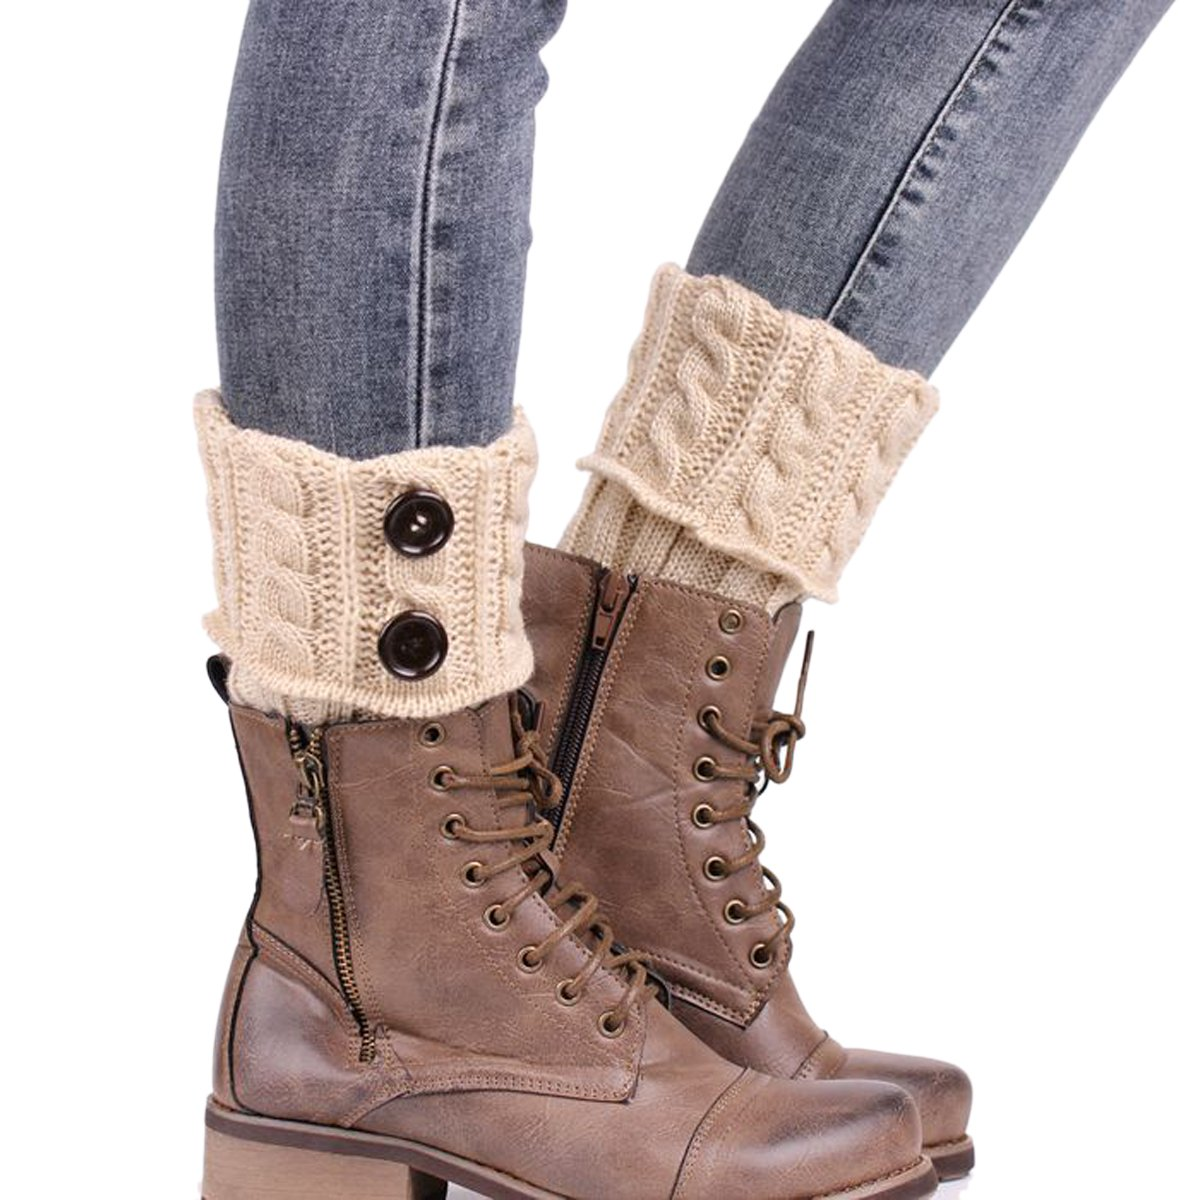 ZUMUii Butterme Damen Frauen kurze H/äkeln Knit Twist Stiefel Stulpen Toppers Winter Cable Knit Beinw/ärmer mit Kn/öpfen